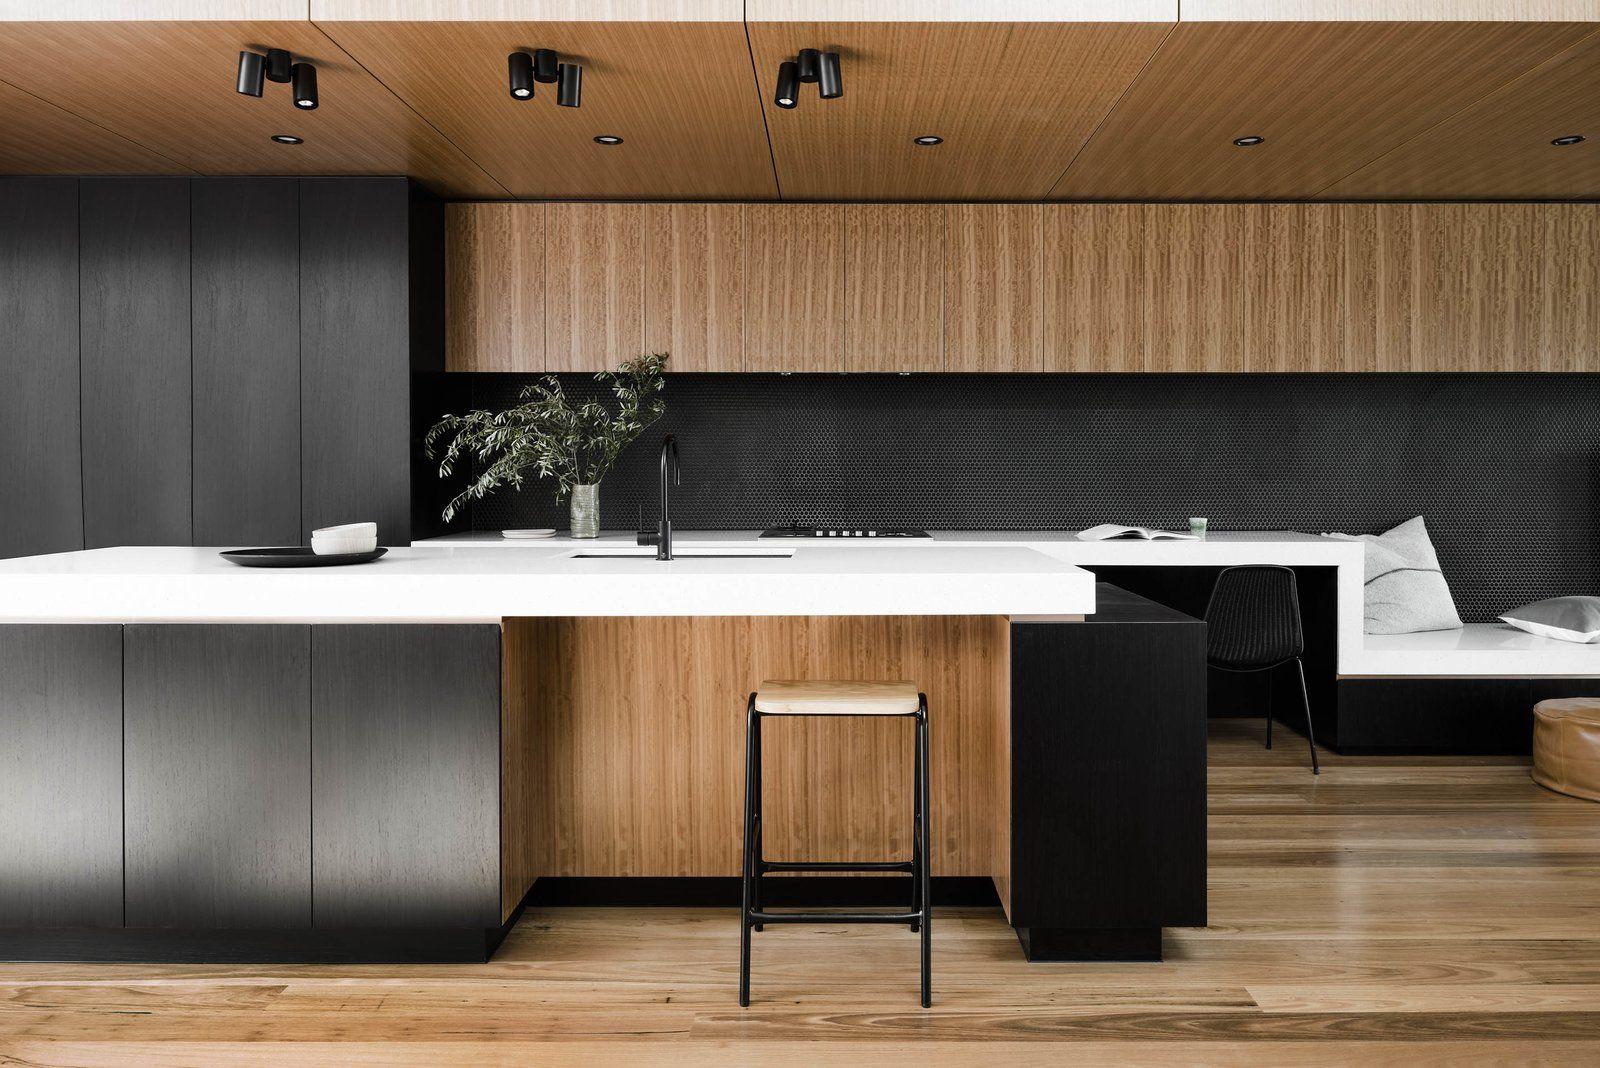 top 10 kitchens of 2017 kitchen design kitchen interior home on kitchen interior top view id=51590